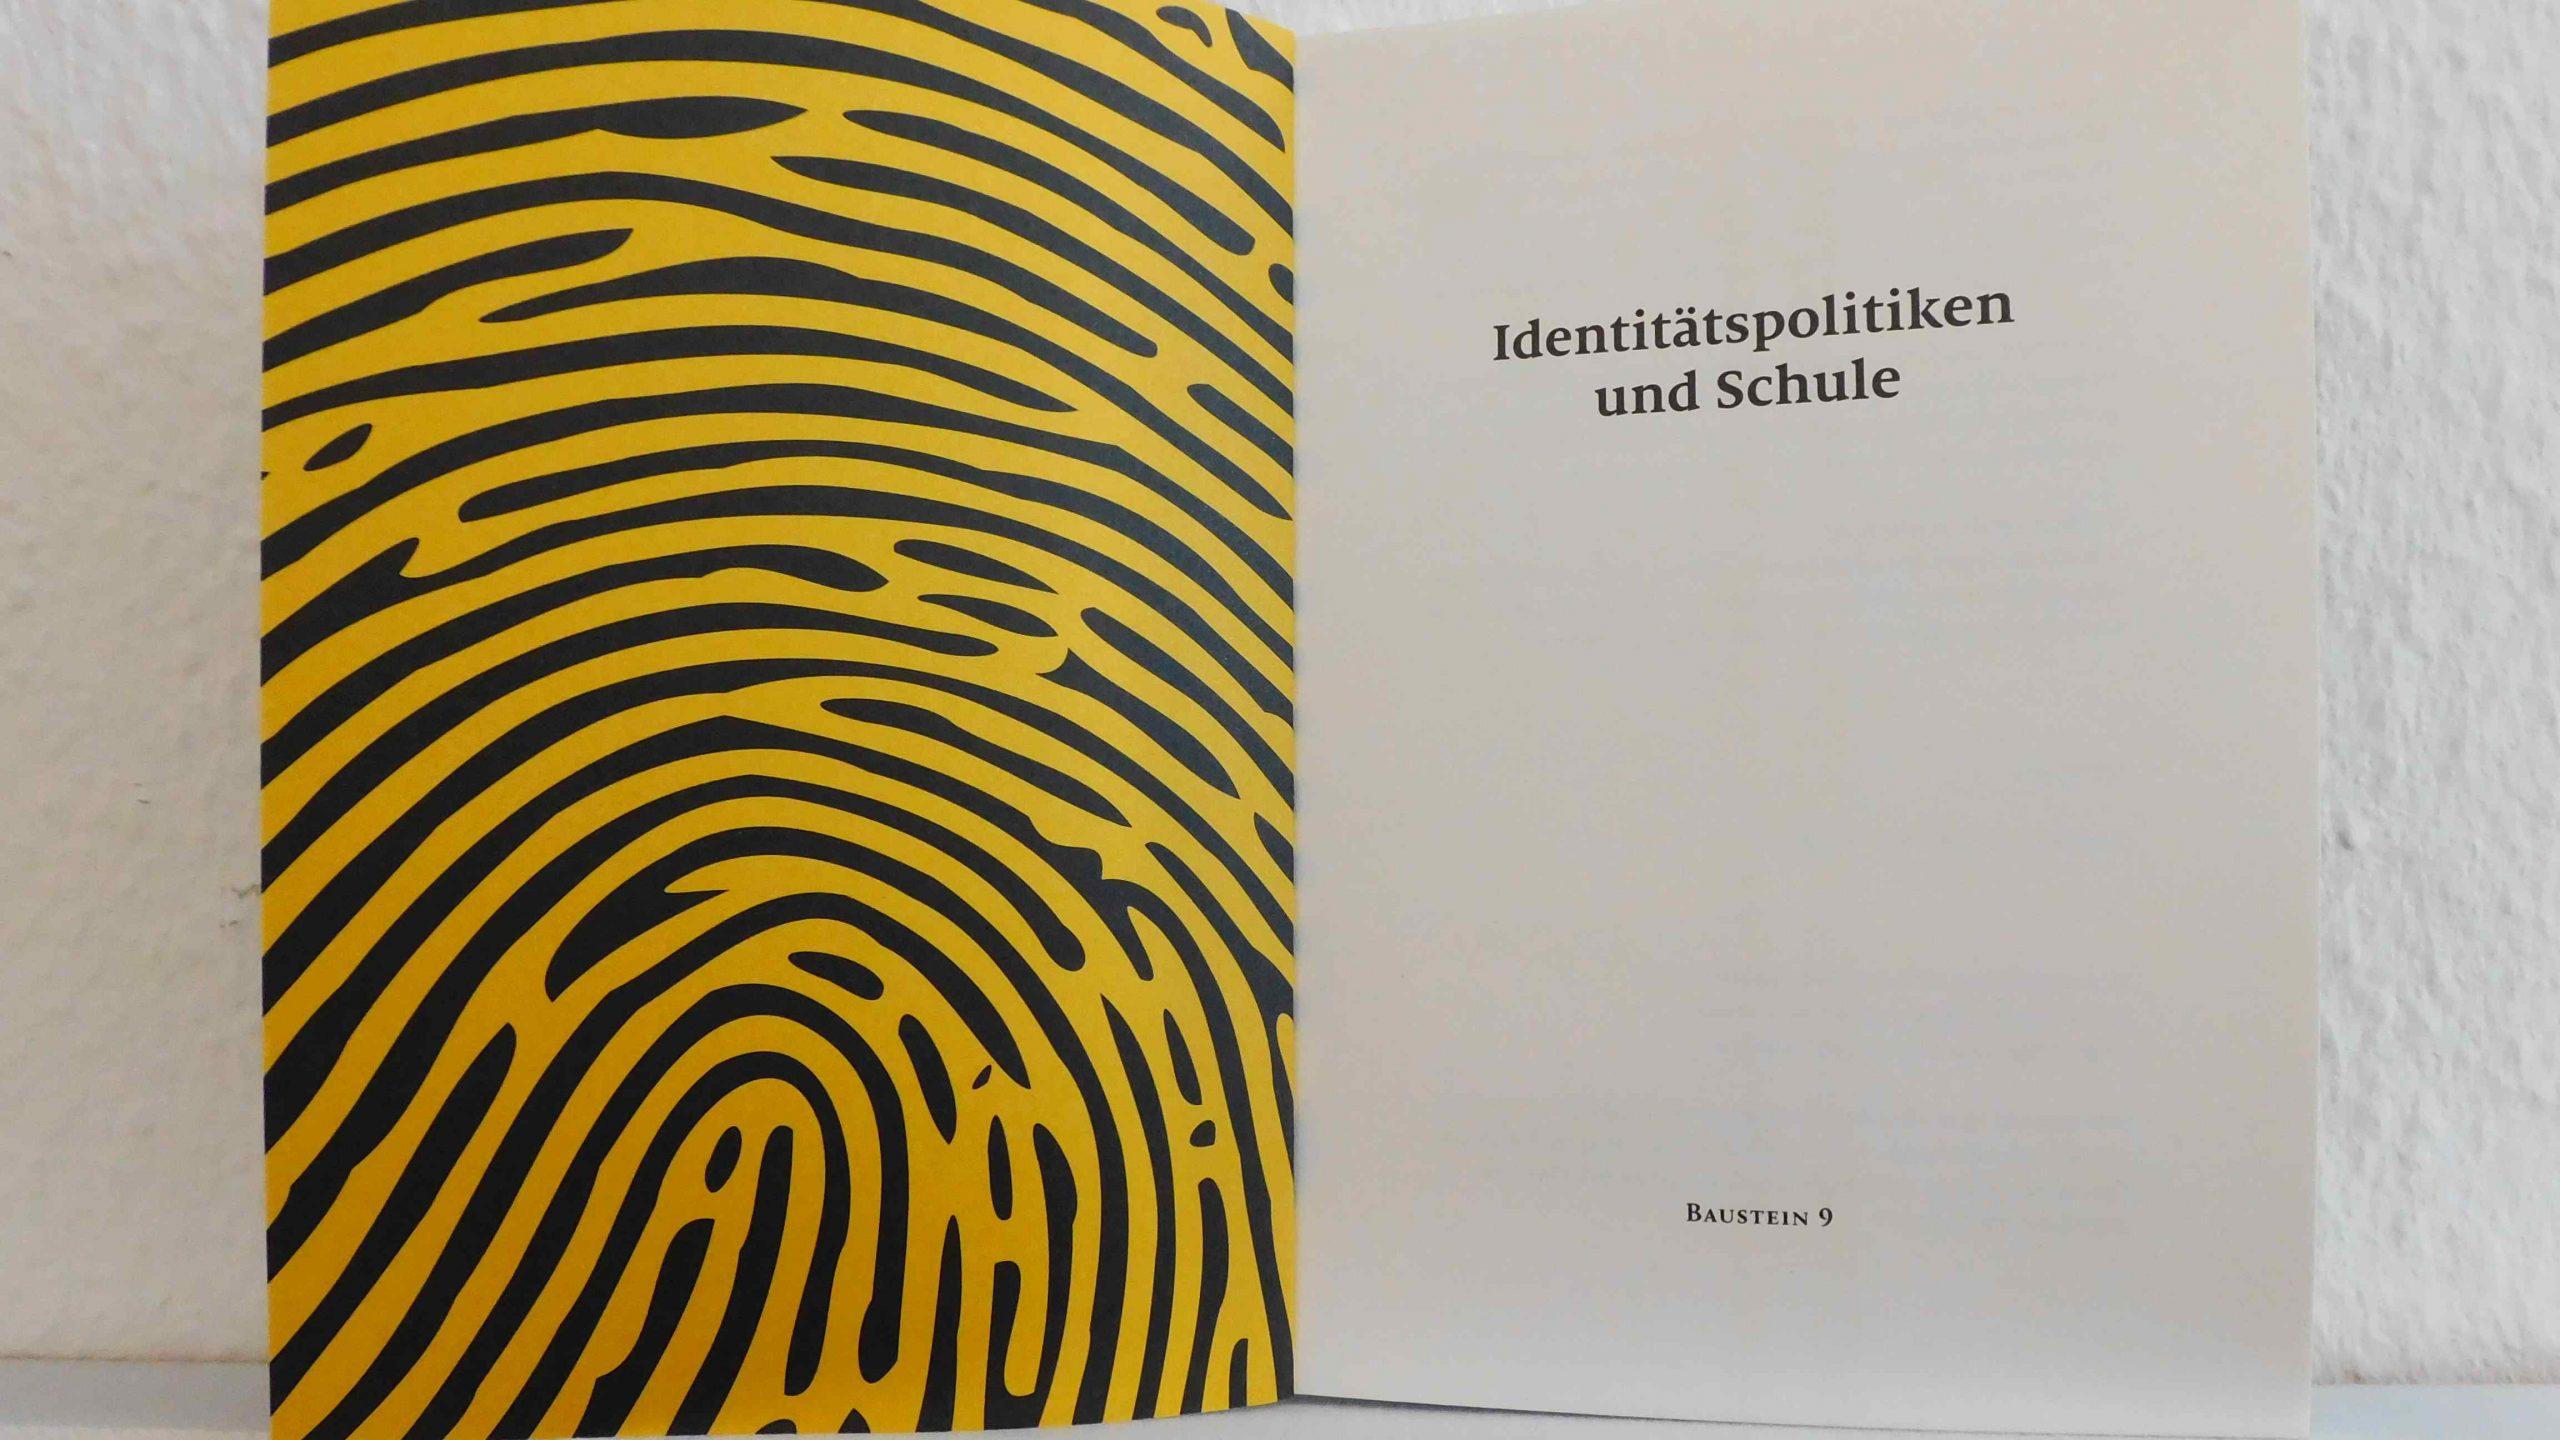 Baustein Identitätspolitiken und Schule